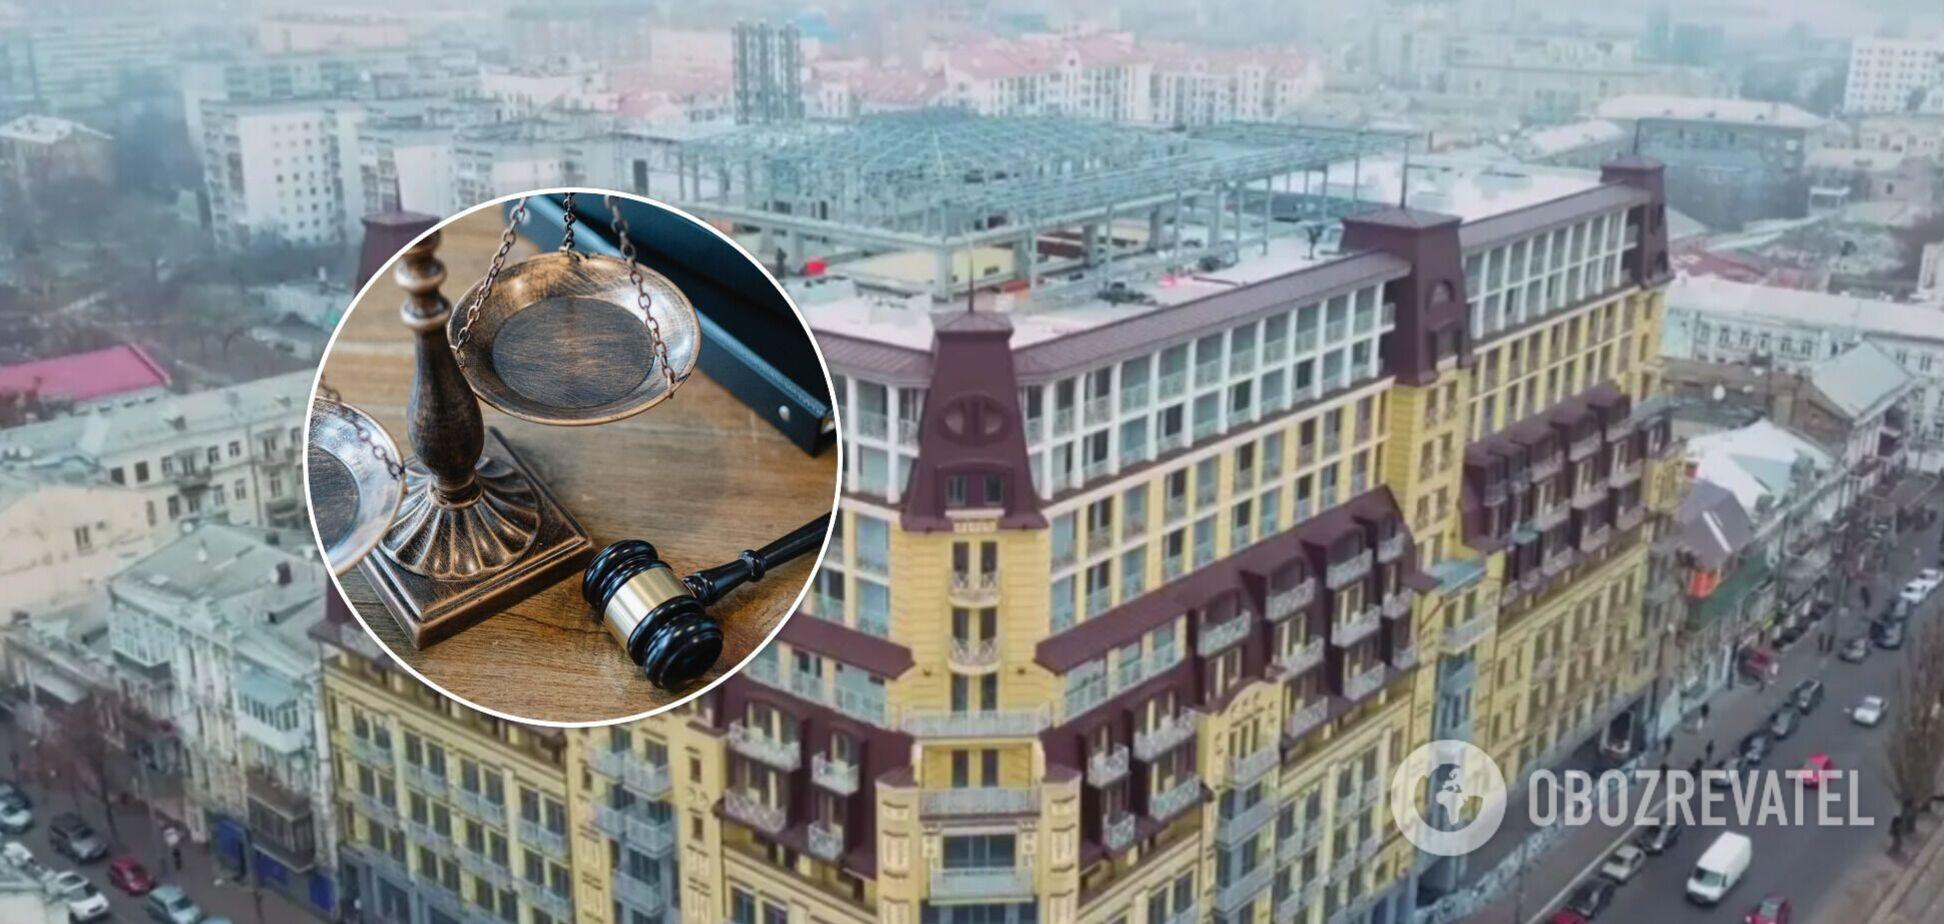 ТОП-5 будівель, що спотворюють Київ. Фото